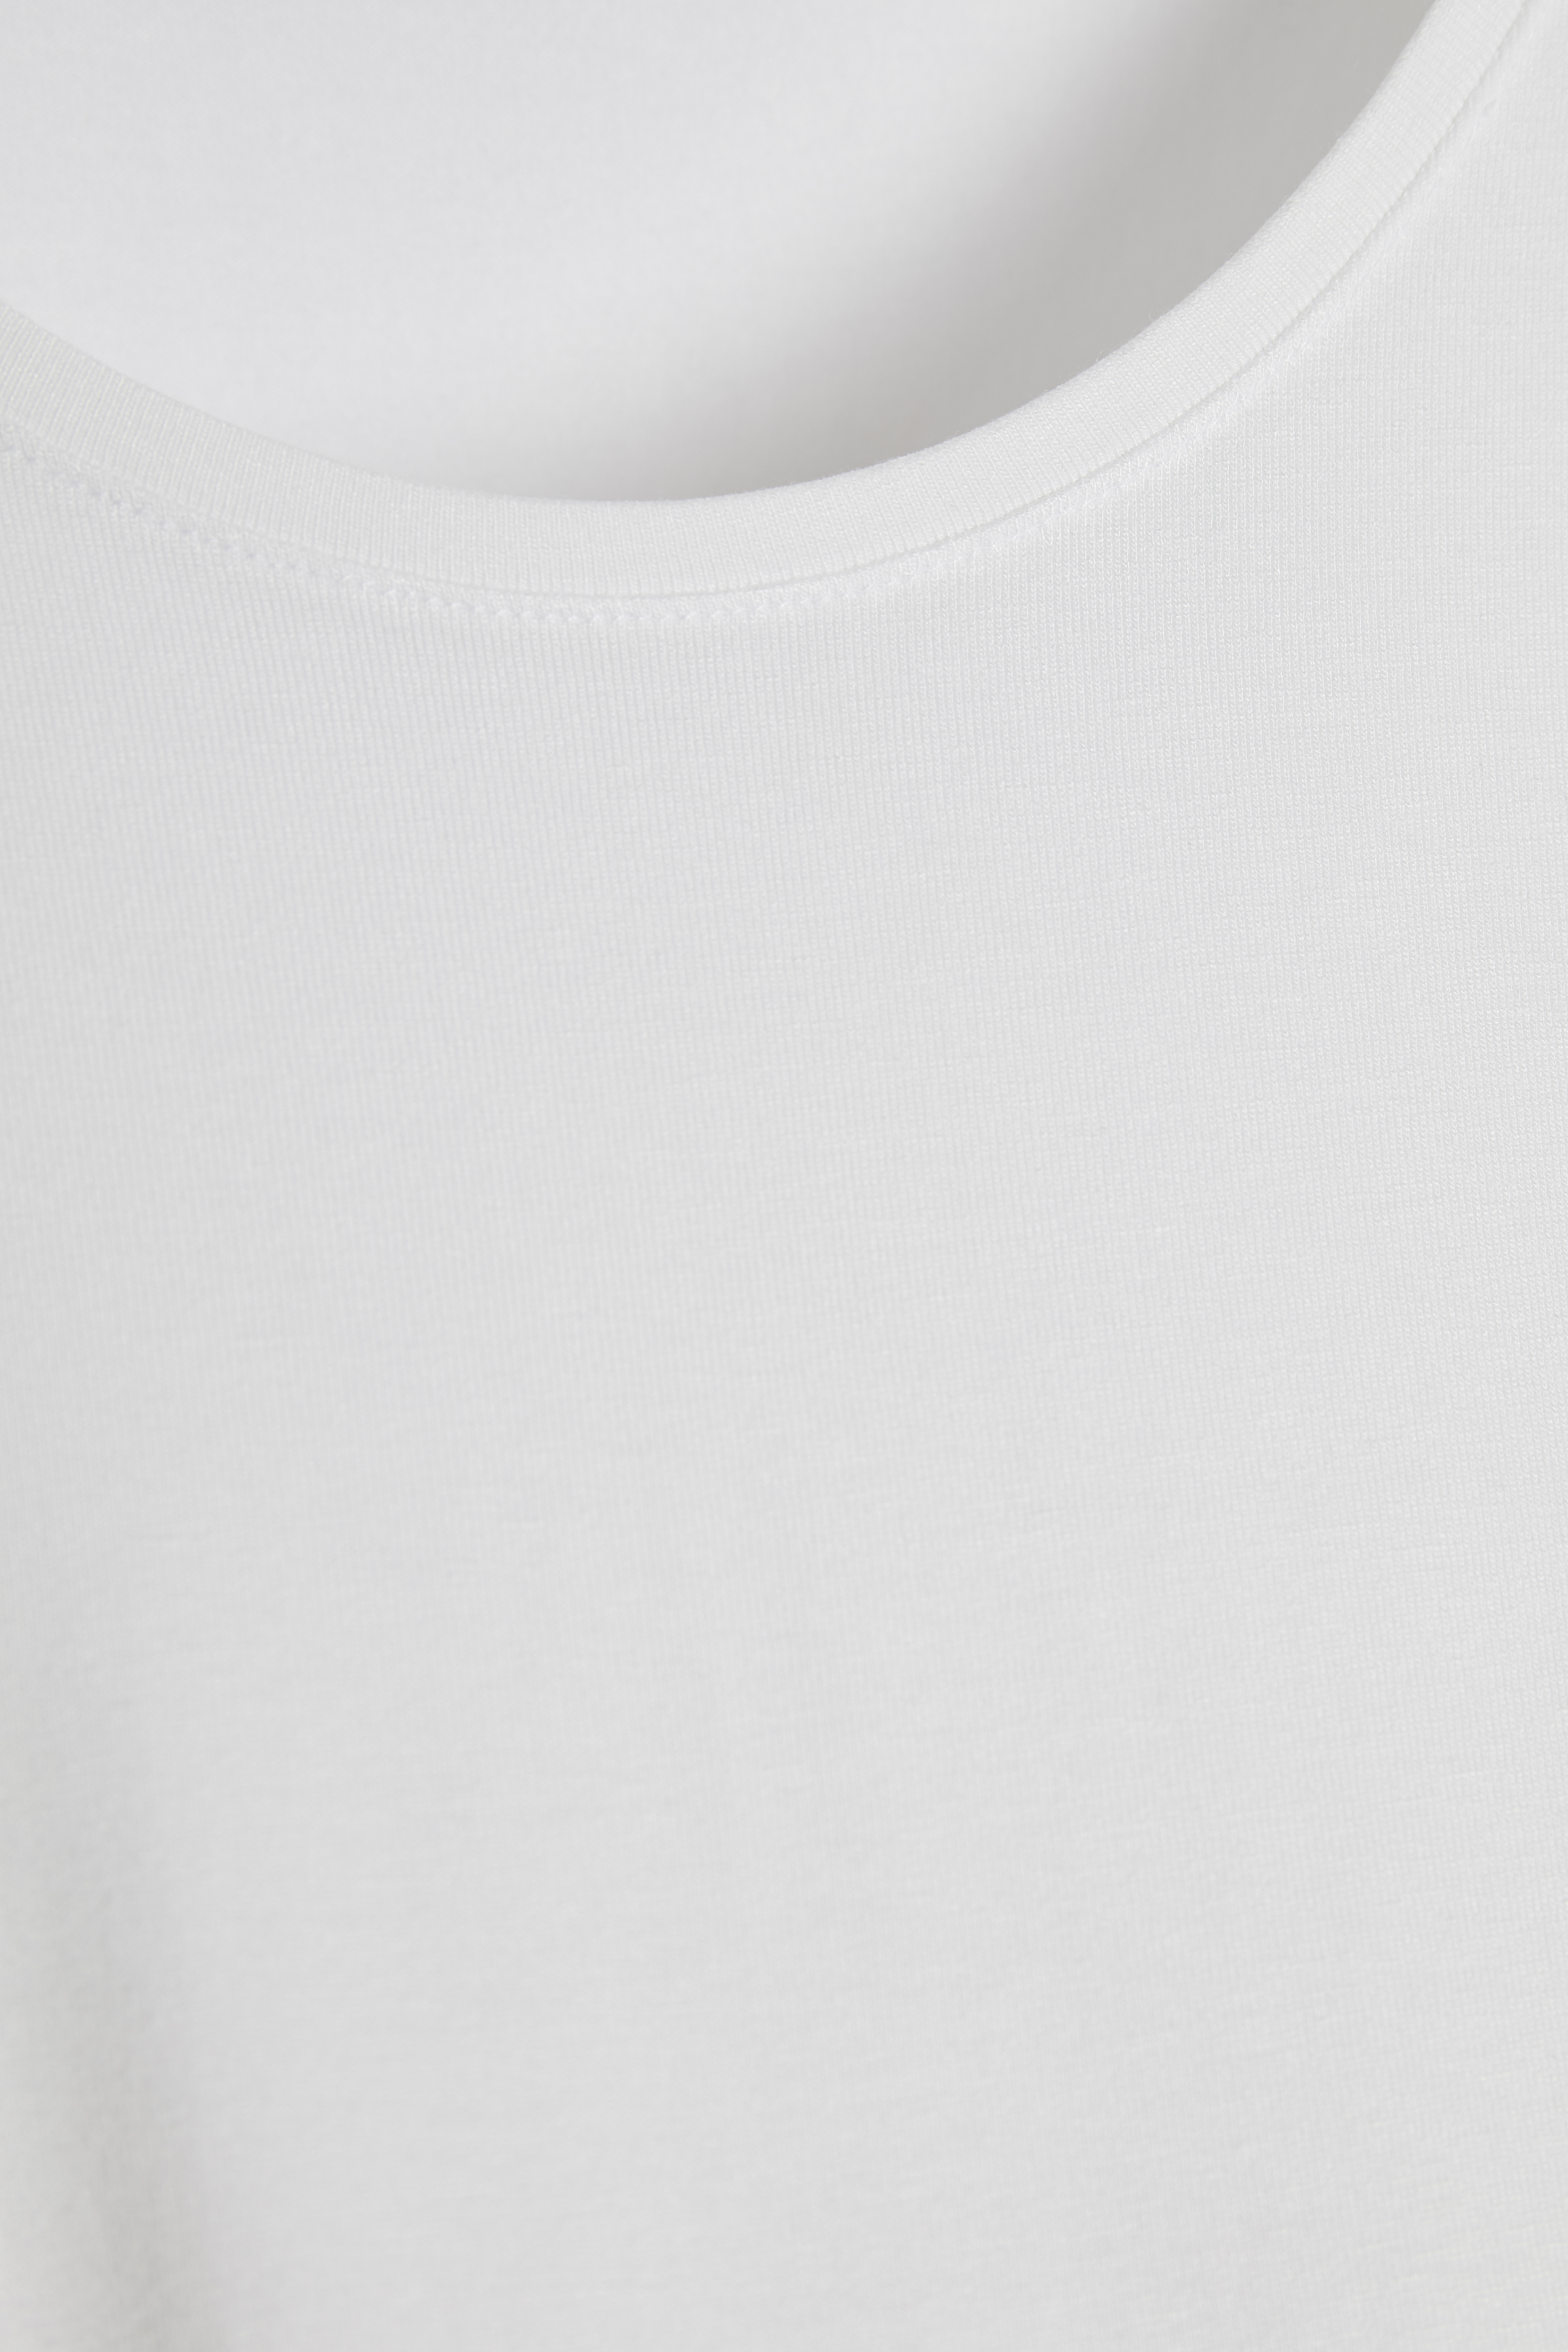 Wit T-shirt van Fransa – Door Wit T-shirt van maat. XS-XXL hier